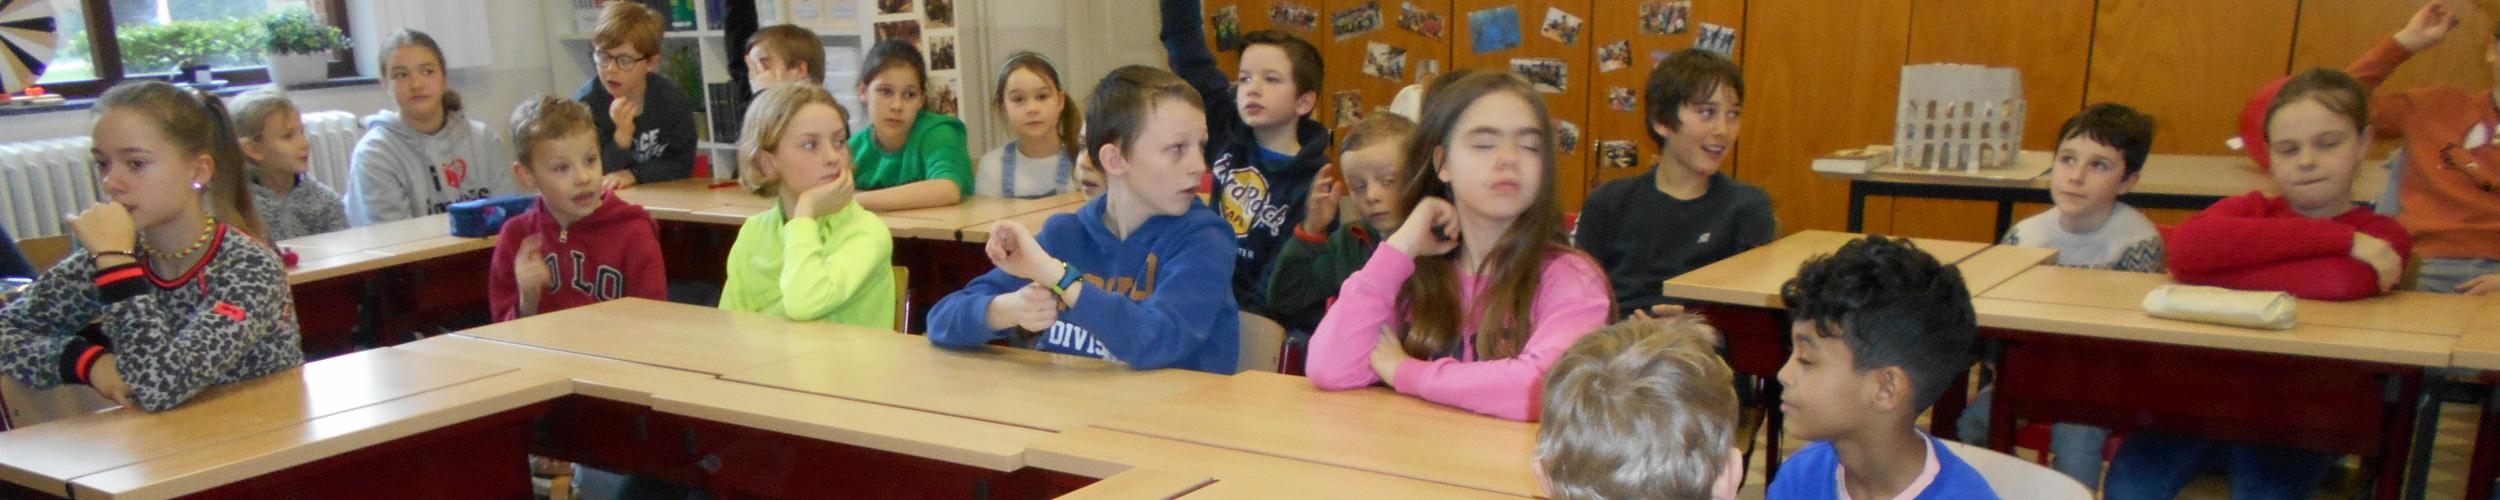 """klasoverstijgend werken met het tweede leerjaar rond het thema """"jeugdboekenmaand"""""""